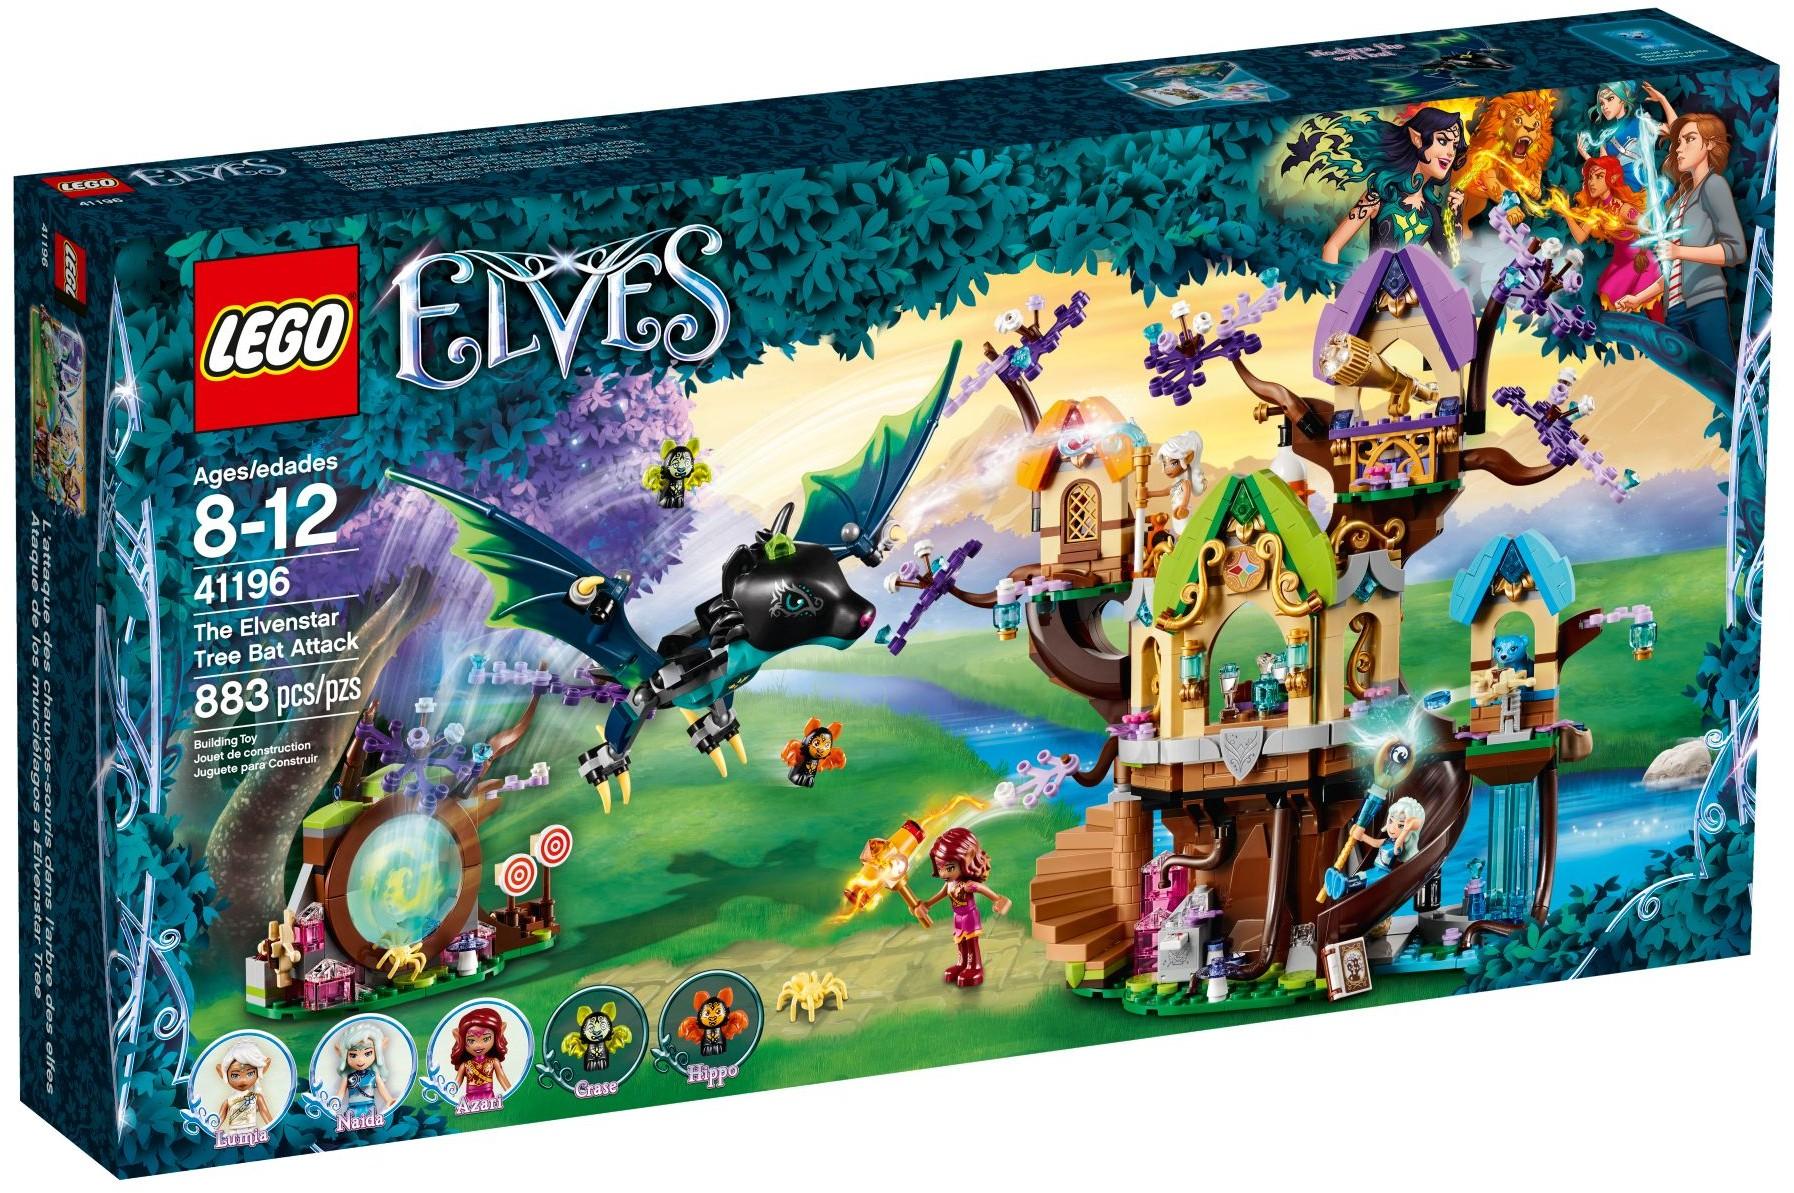 http://lego-elves.blog.cz/1809/41196-the-elvenstar-tree-bat-attack